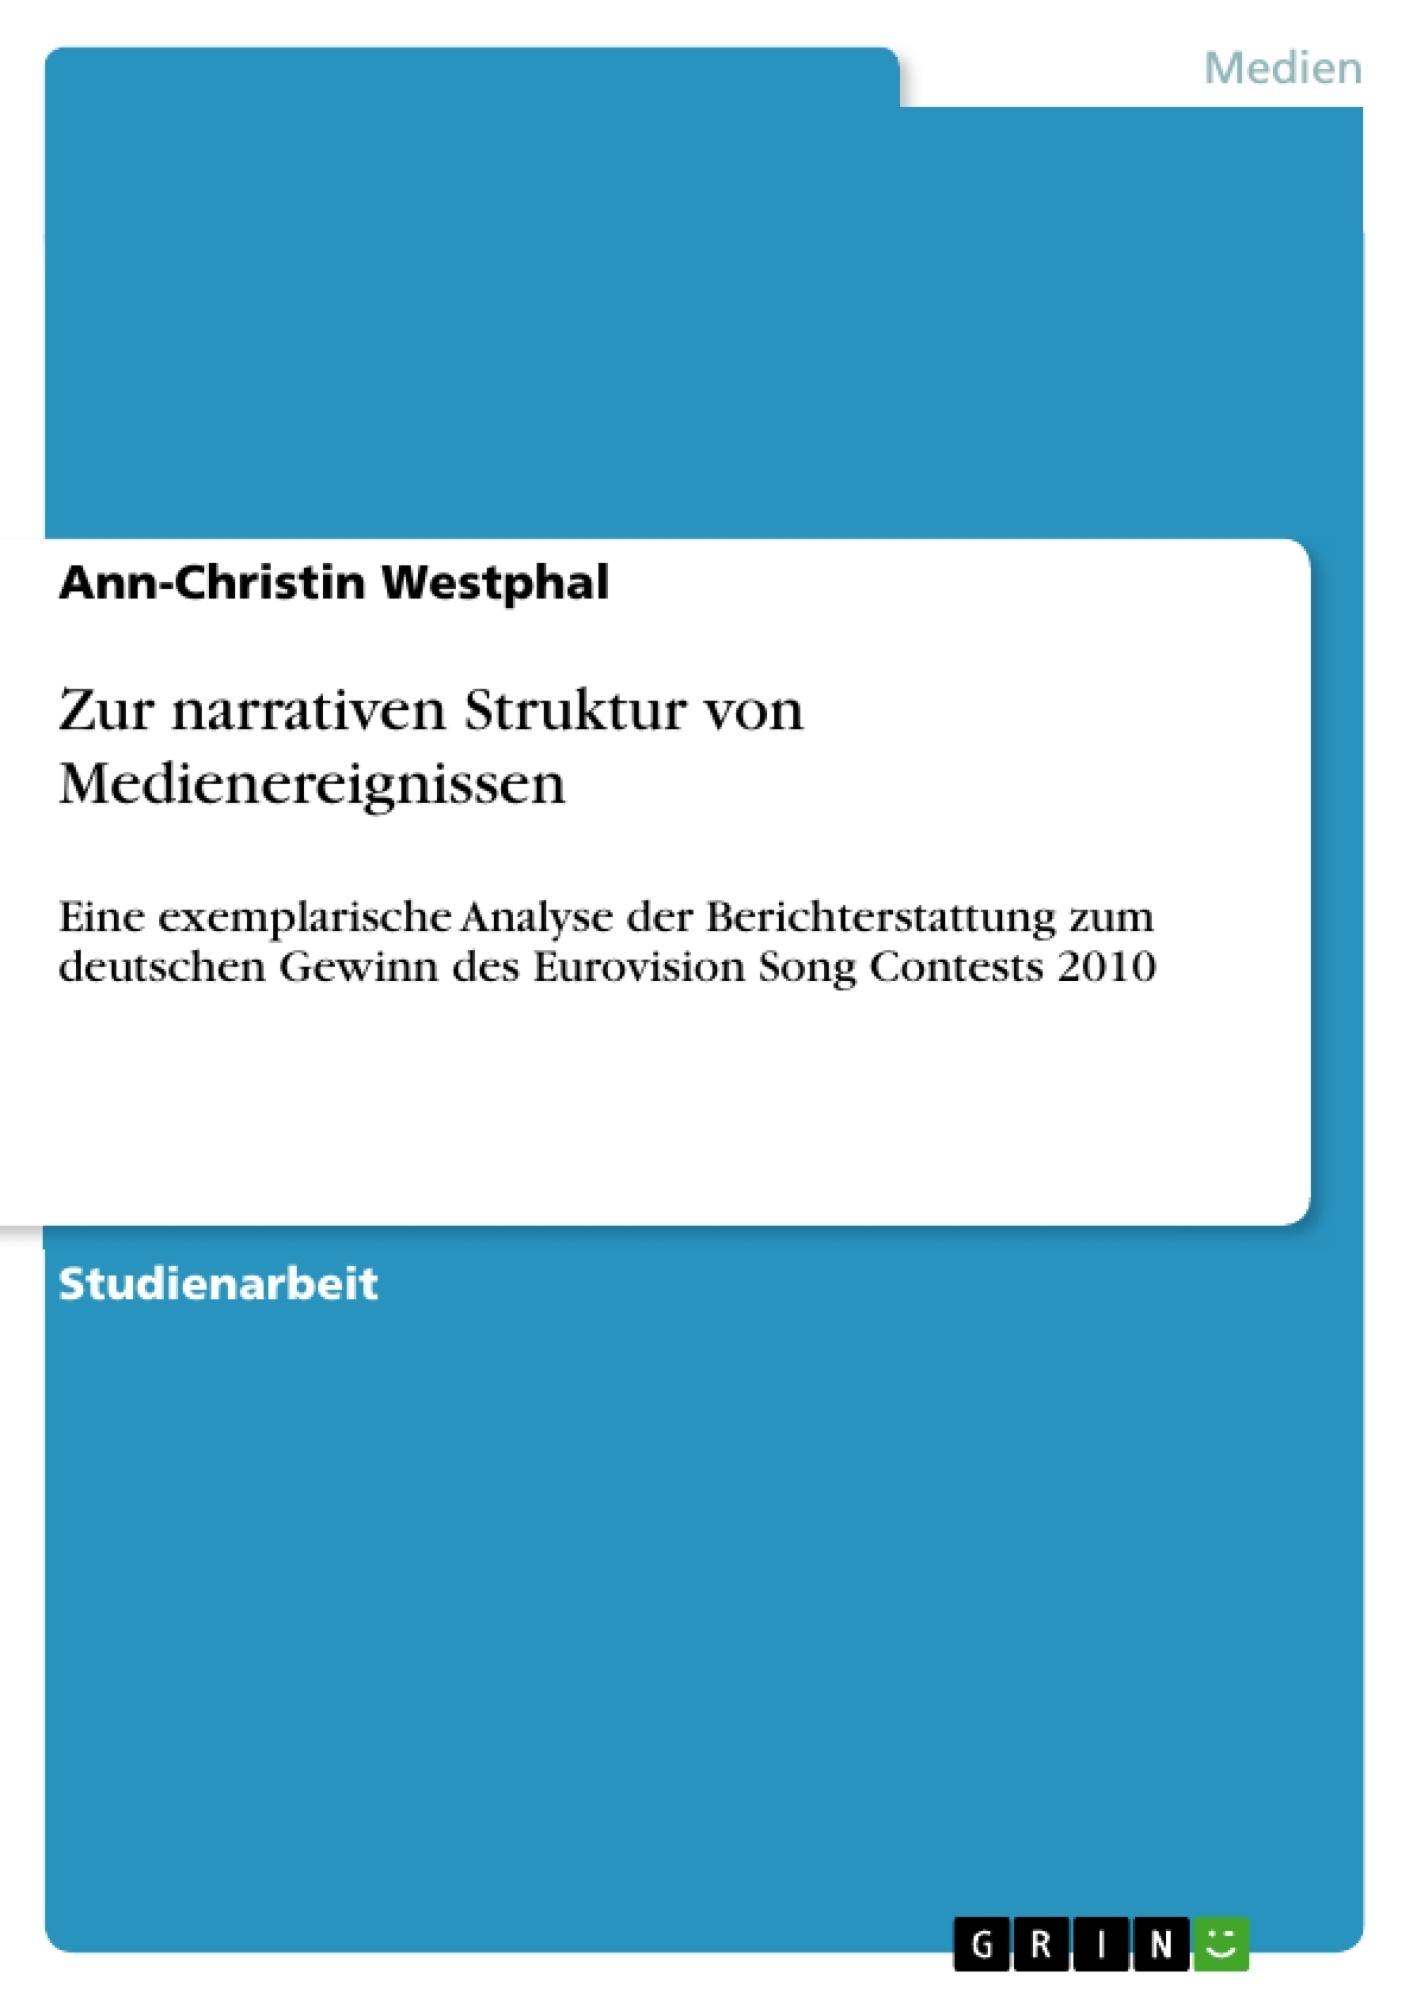 Titel: Zur narrativen Struktur von Medienereignissen